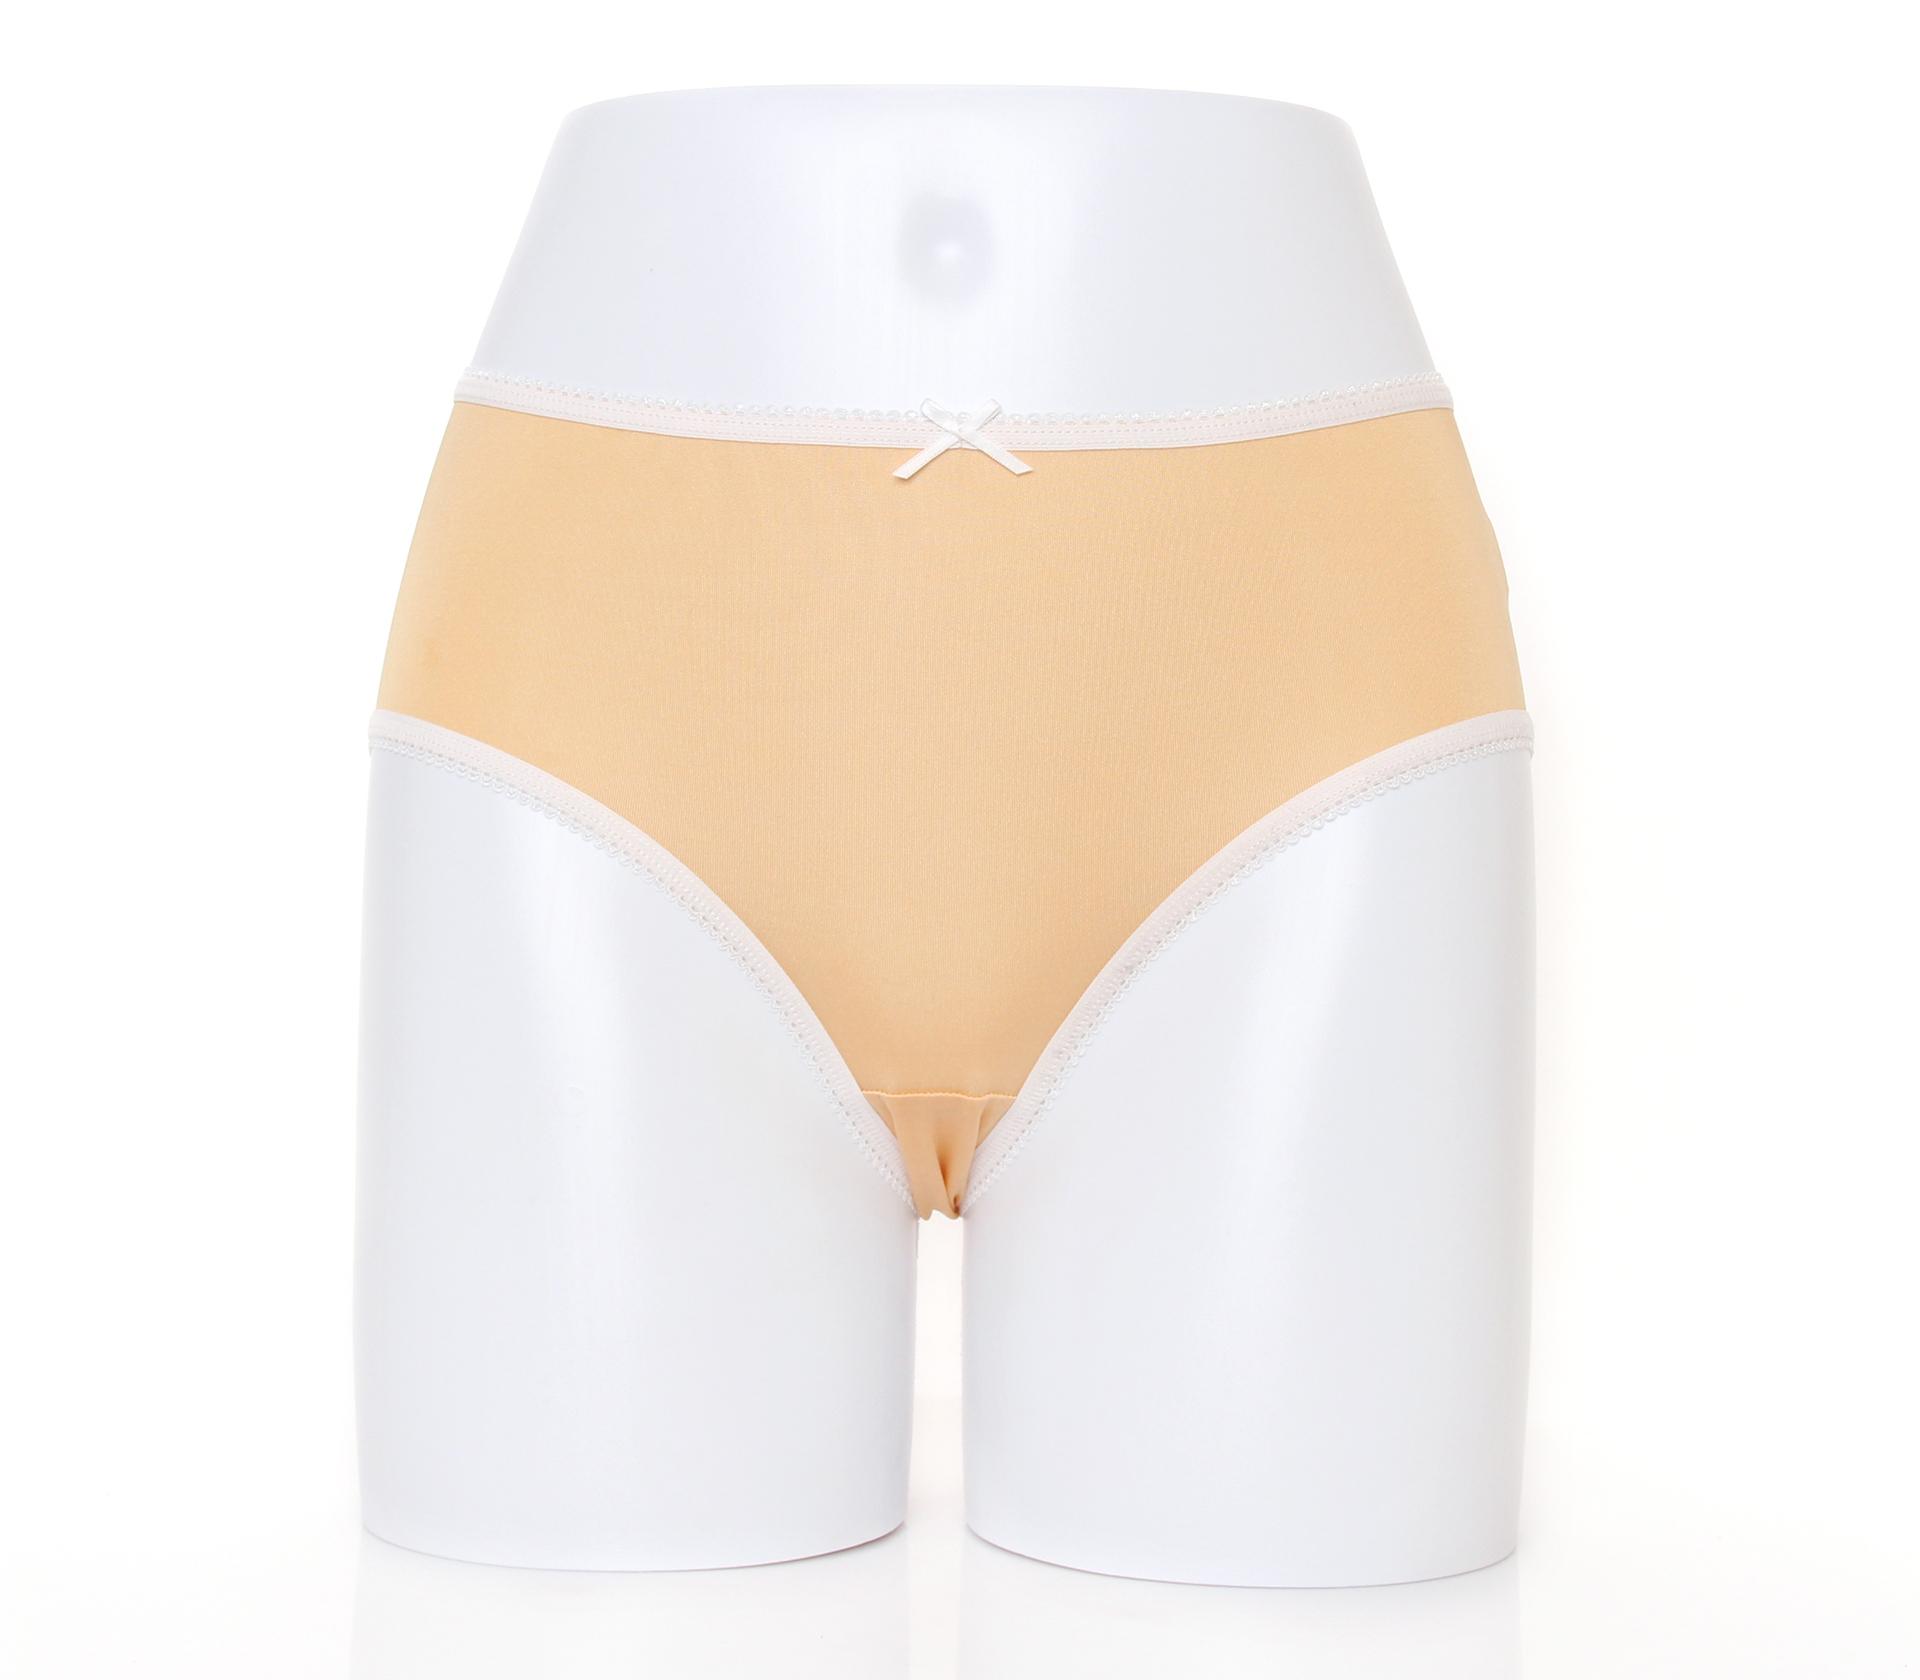 闕蘭絹清新甜美100%蠶絲內褲-2211(膚)